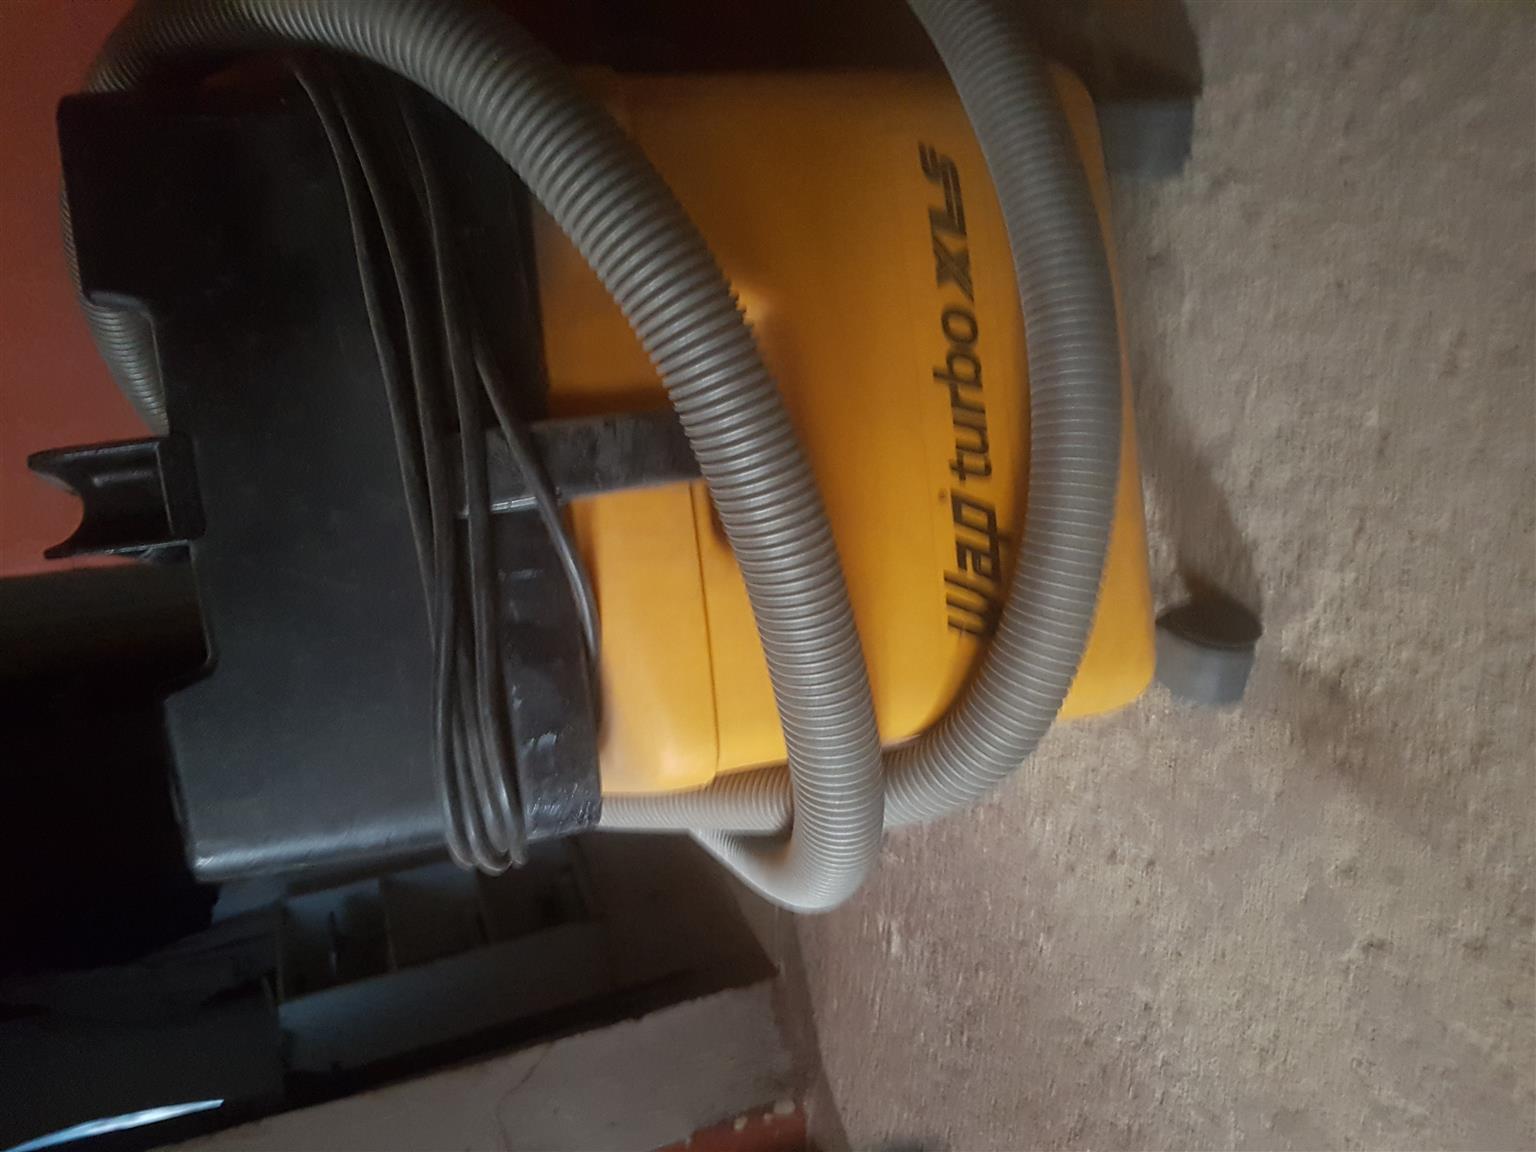 Industrial Kartcher Vacuum cleaner